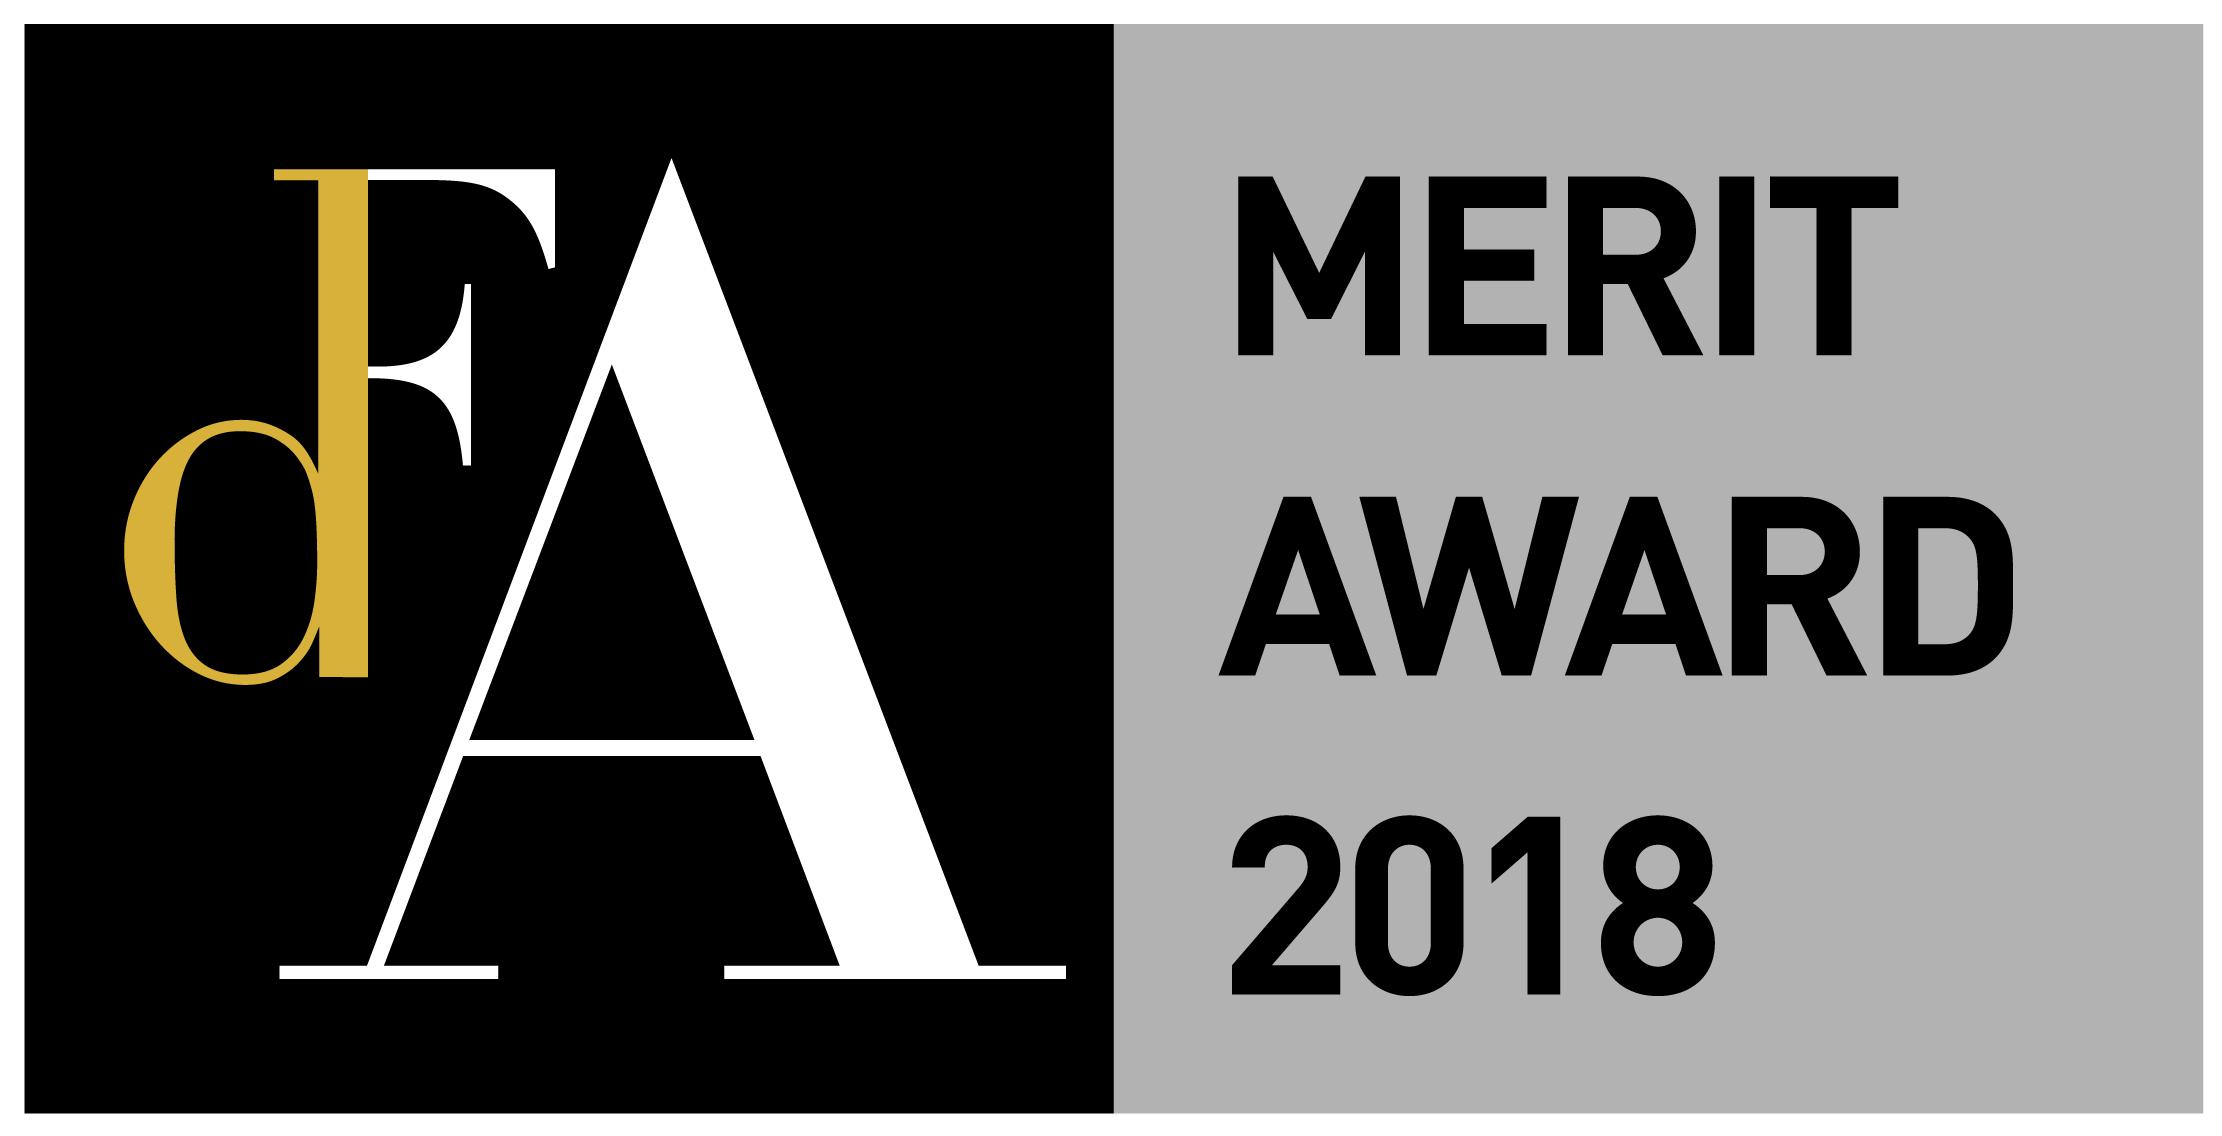 DFA Design for Asia Awards 2018 - Merit Award.png